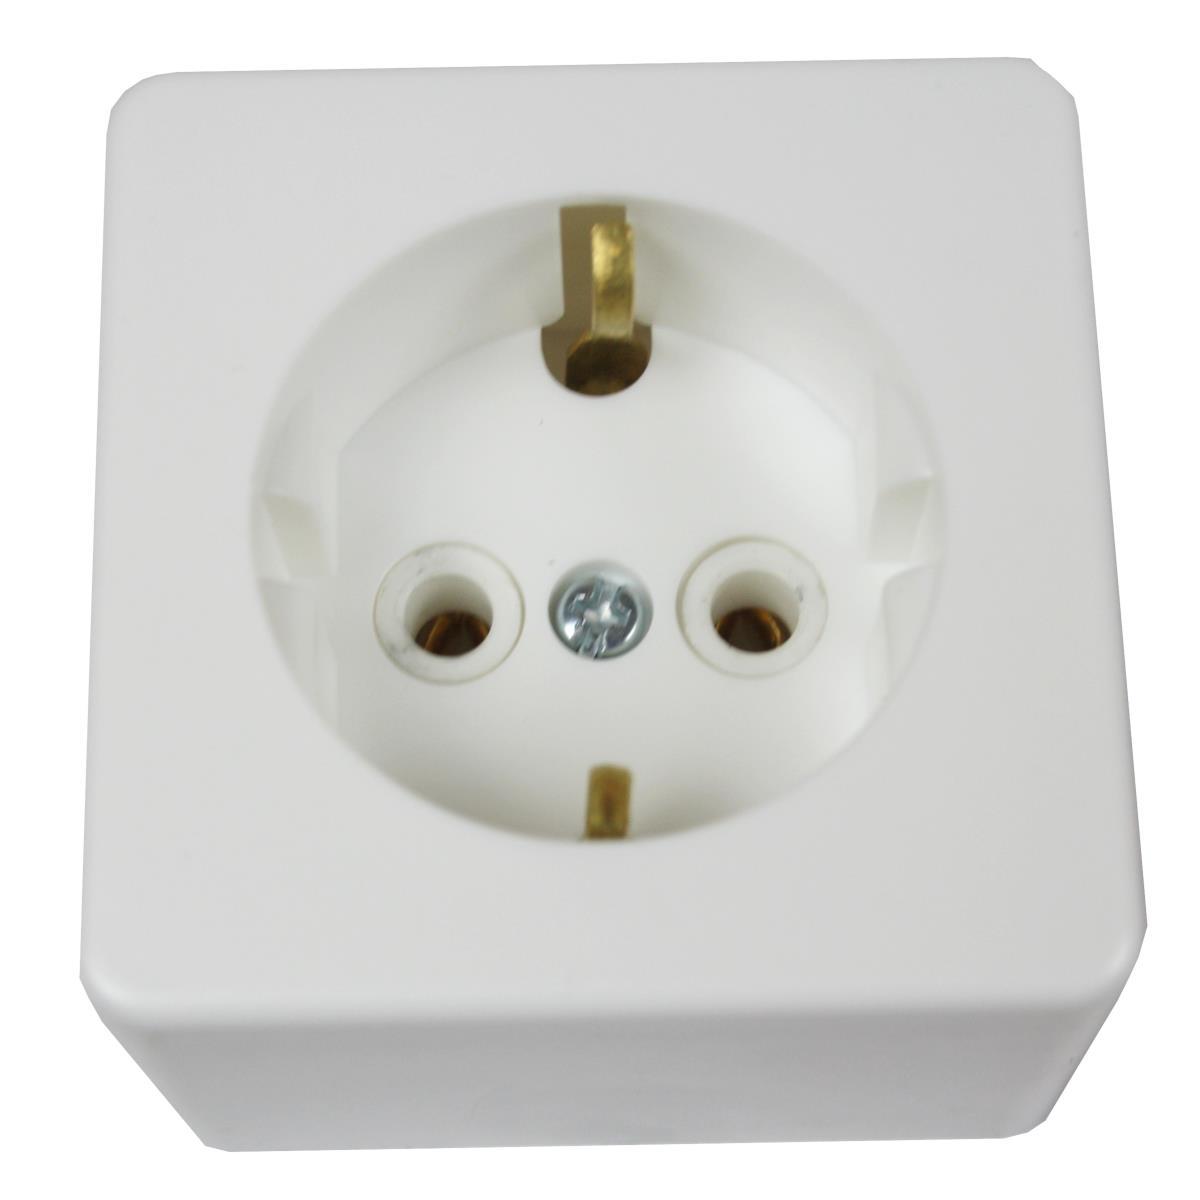 Aufputz Steckdose mit Schutzkontakt weiß 10A, 230 V,Vagner SDH,PA10-209, 4810158002179